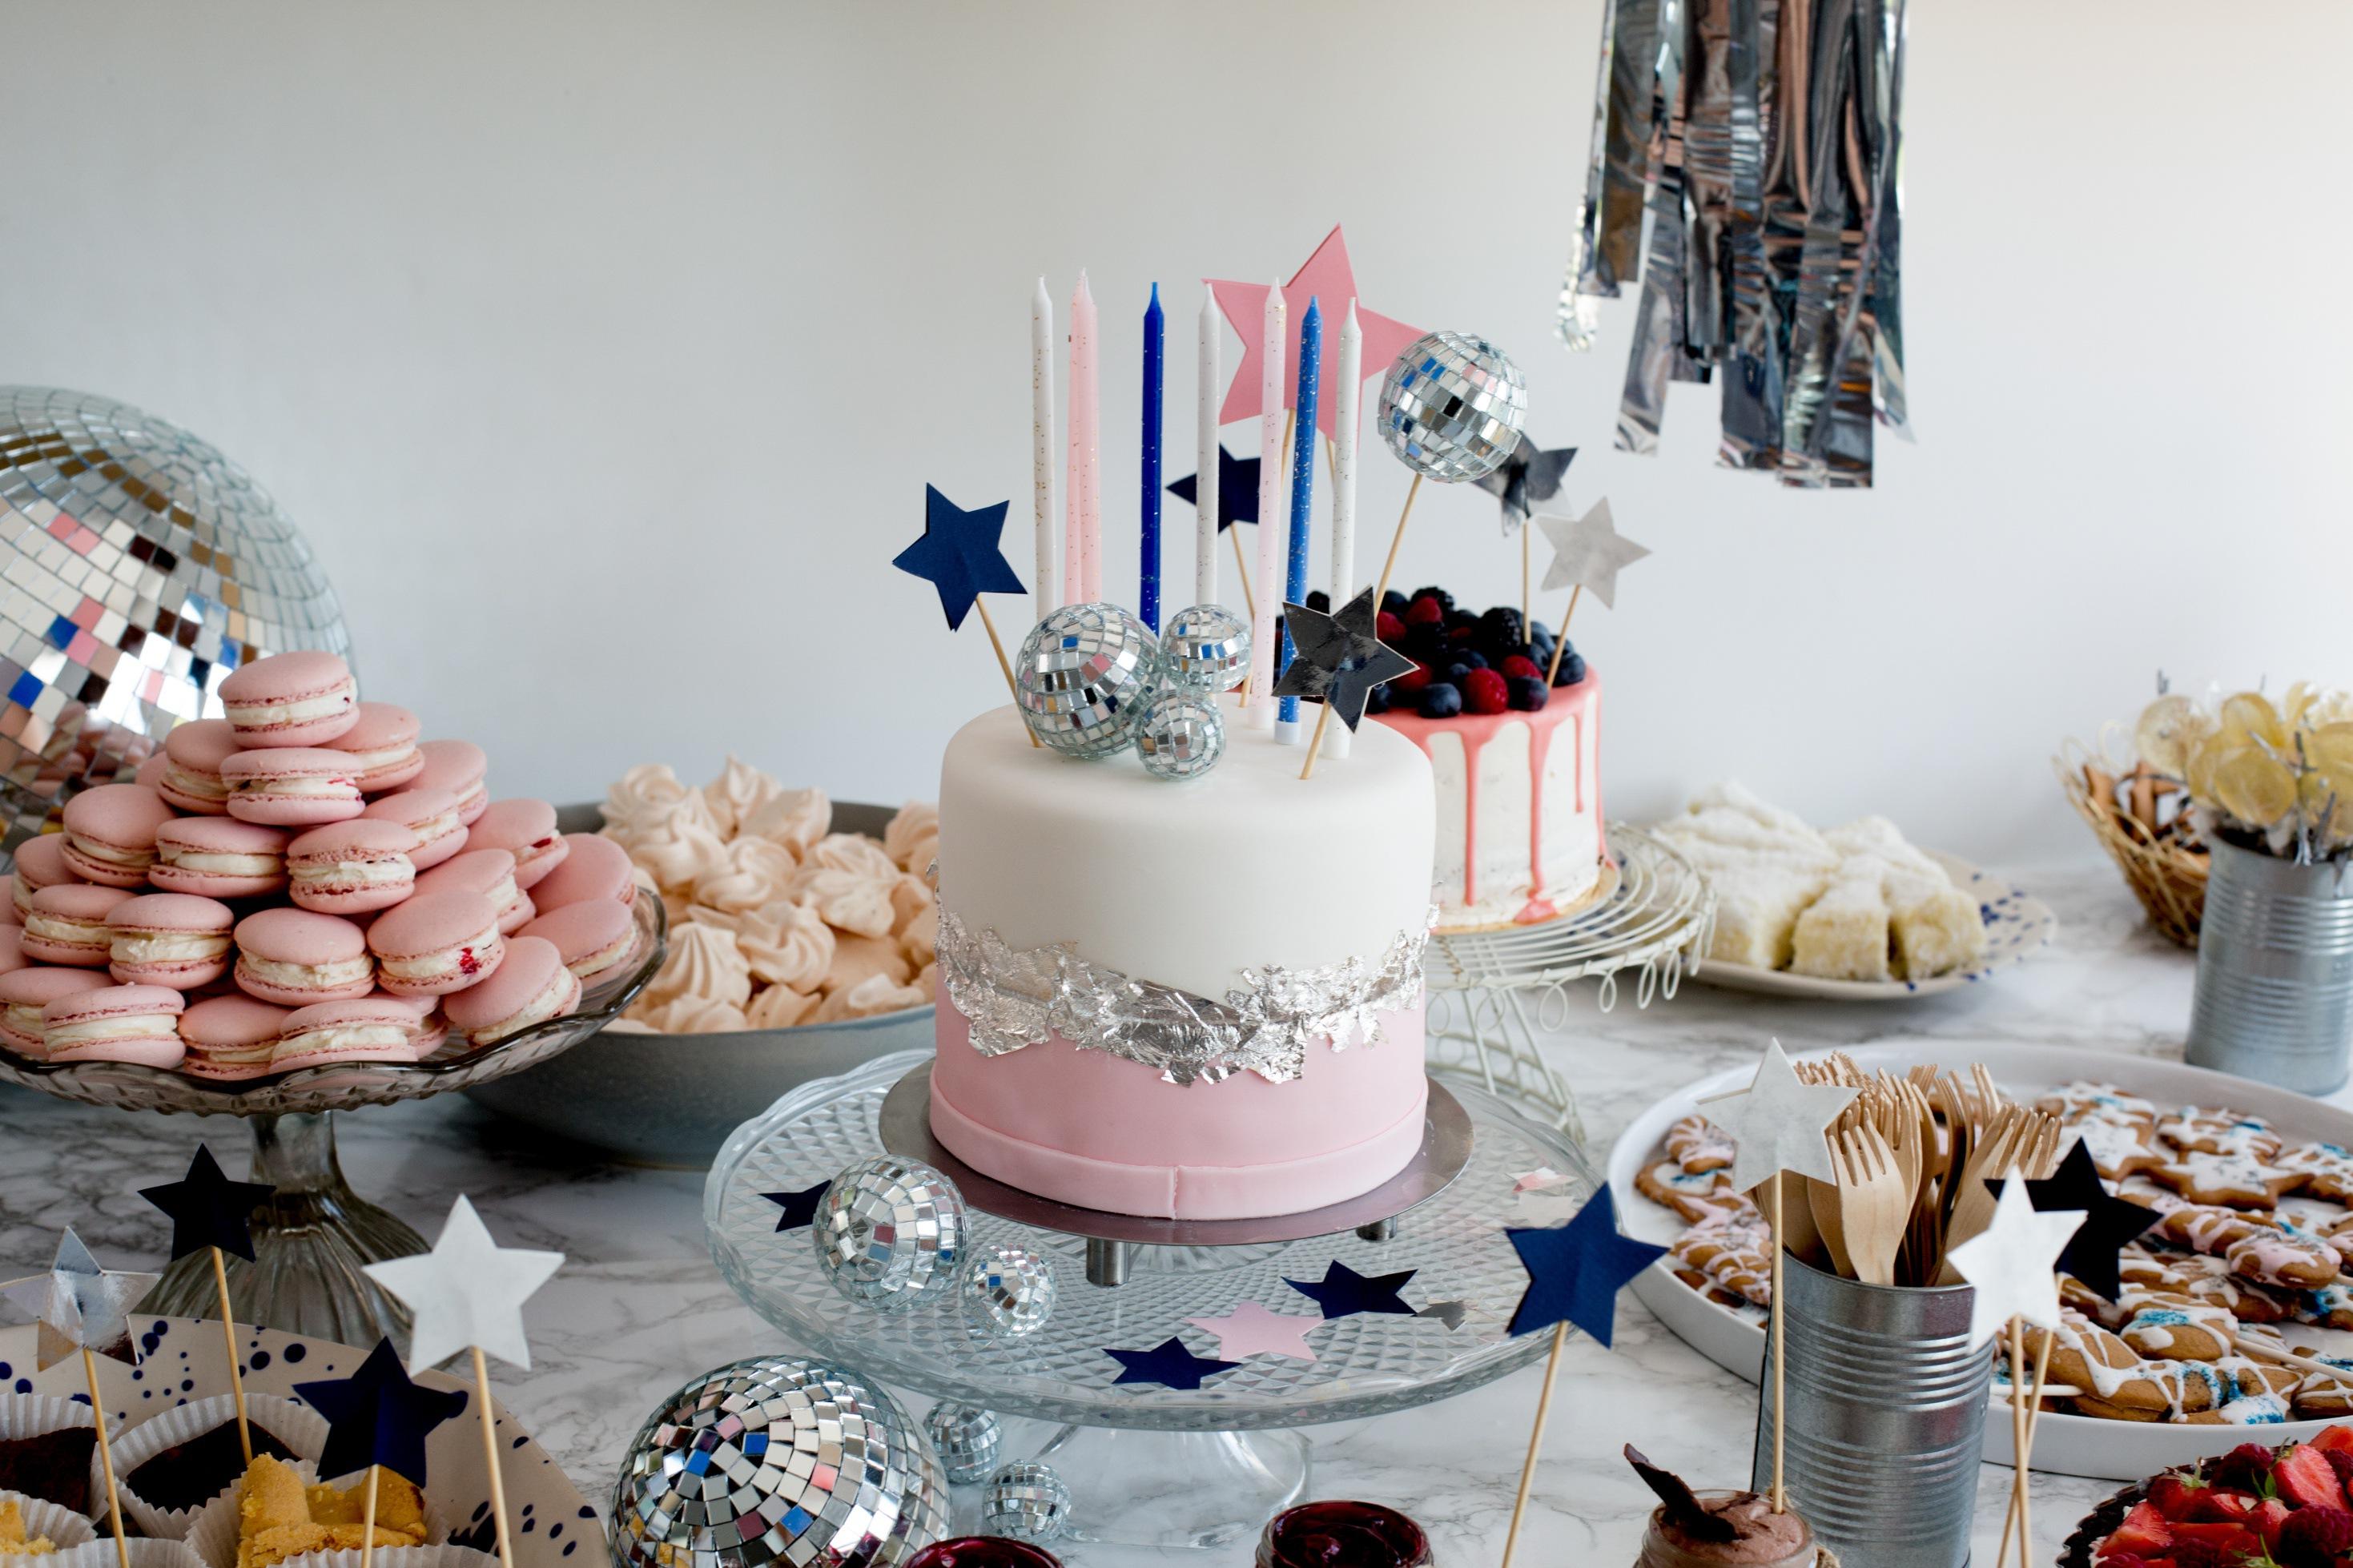 Jak Zorganizowac Urodziny W Domu Ladnebebe Pl